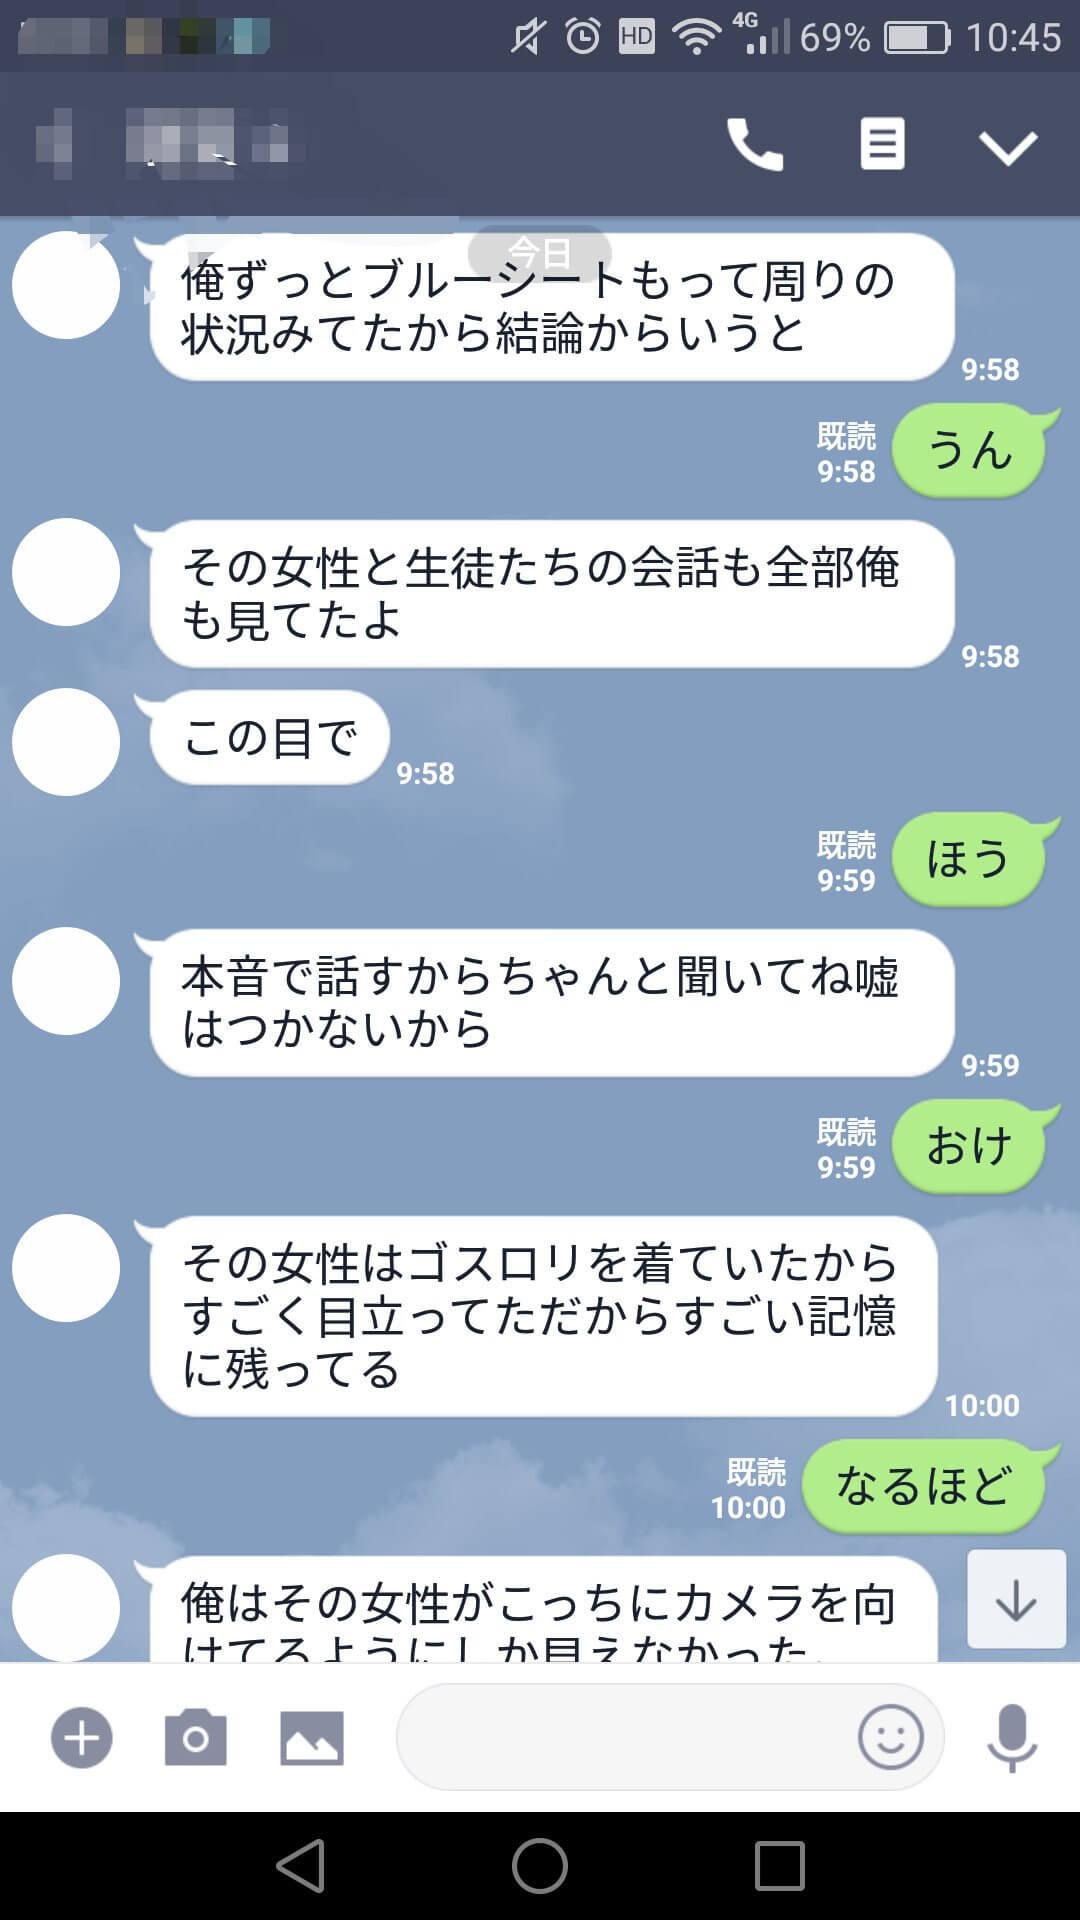 新橋駅前SL広場の騒動についてさなさん(@sana_seria)が関係者に事実関係を確認したキャプチャ画像2